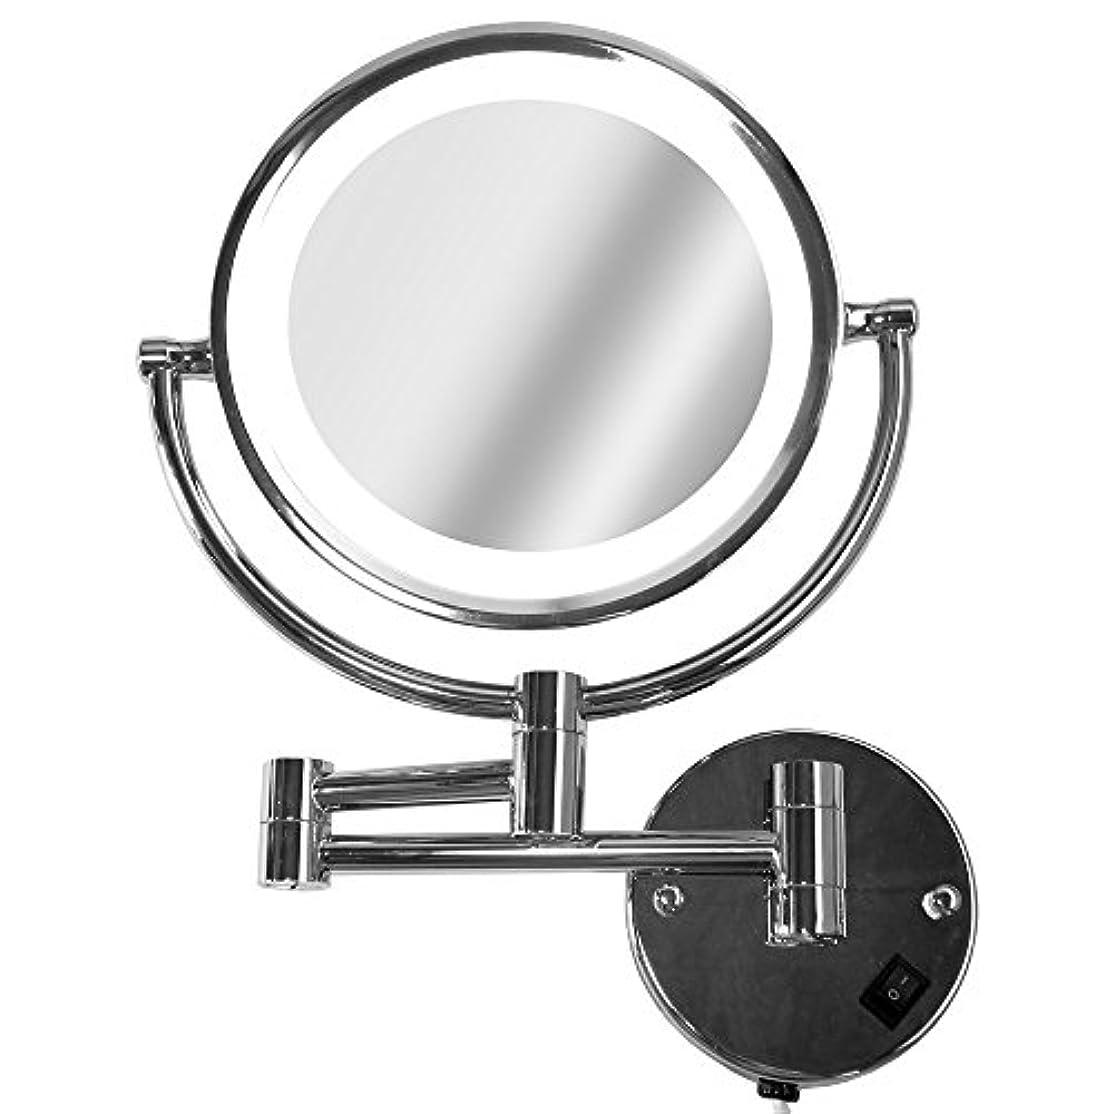 かび臭い立場北へLa Curie アームミラー 壁付けミラー 拡大鏡 折りたたみホテルミラー LEDライト付 5倍 LaCurie014